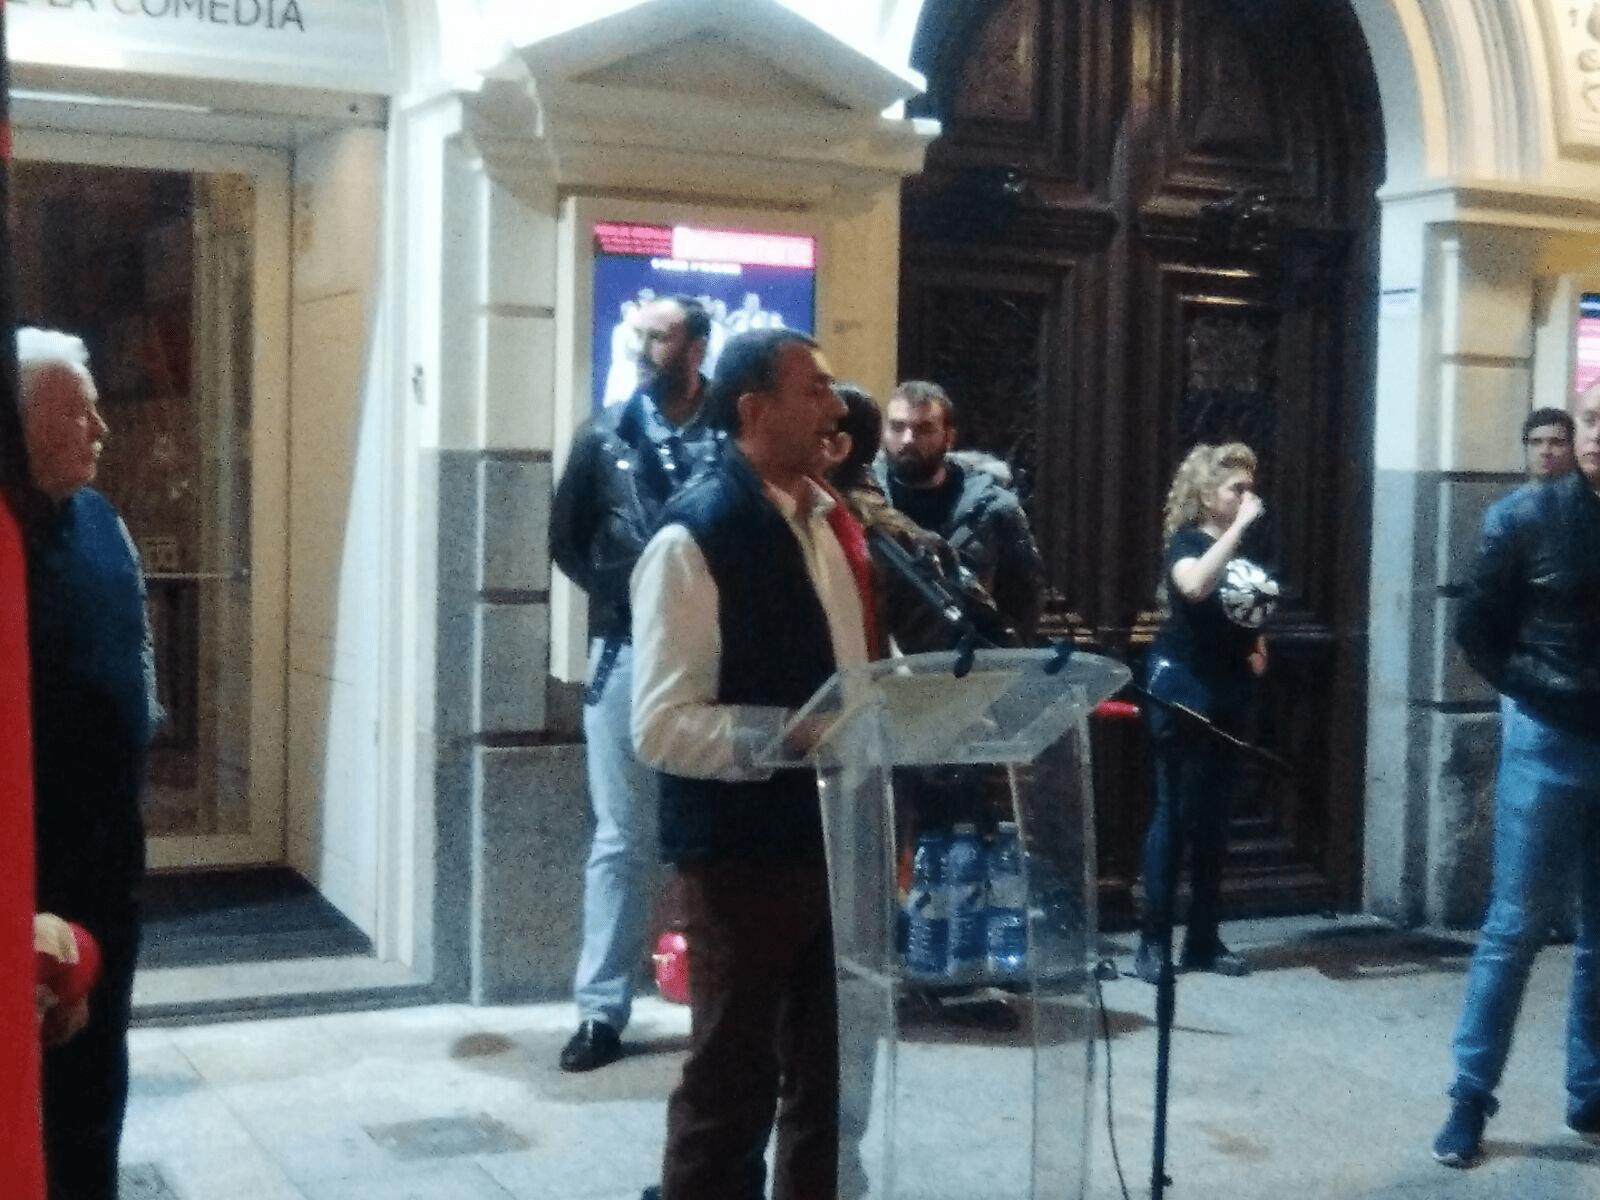 Discurso de Manuel Andrino, Jefe Nacional de La Falange, el pasado 29 de Octubre en el Teatro de la Comedia